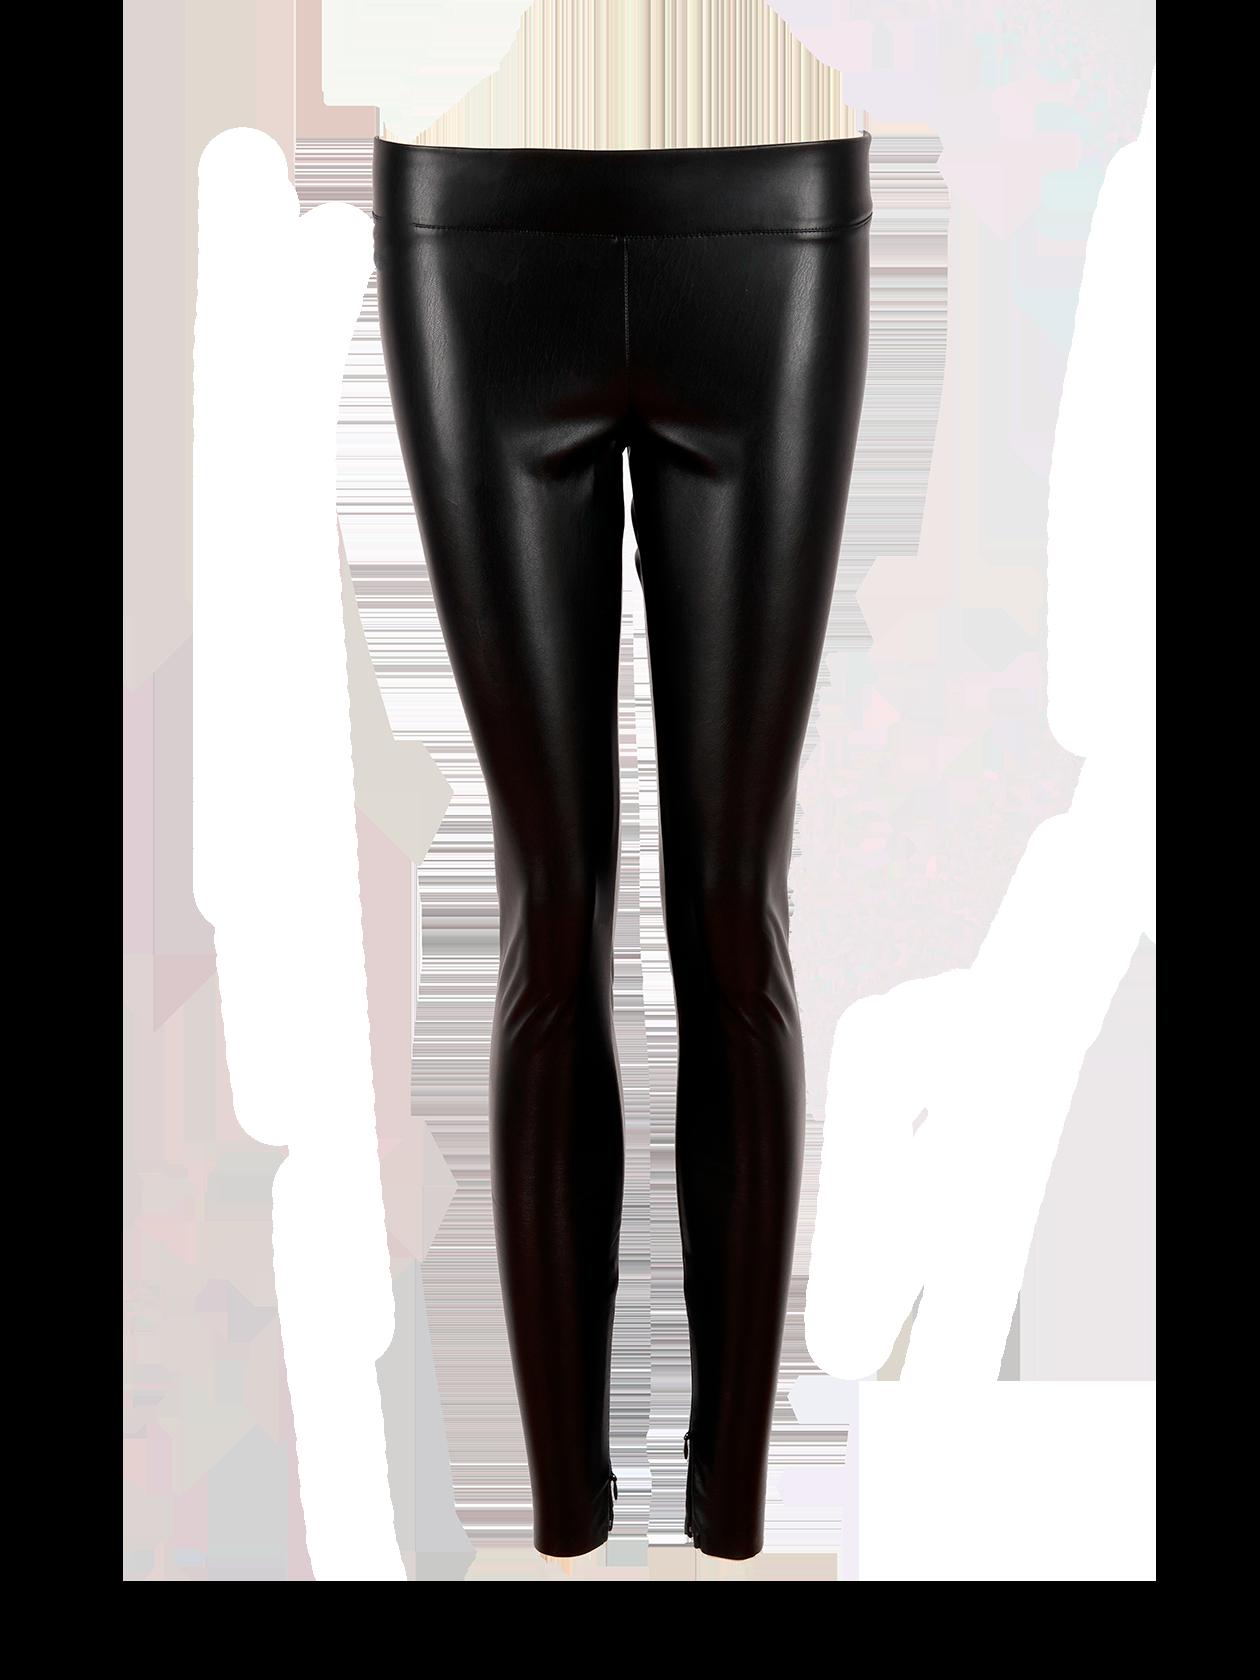 Womens leggings PUЛеггинсы женские PU из модной коллекции Black Star Wear – незаменимая вещь в гардеробе современной девушки. Модель выполнена из качественной эко-кожи. Лаконичный дизайн, прямой облегающий силуэт. Внизу по бокам декоративные молнии. Пришивной пояс из основного материала хорошо фиксирует изделие на фигуре. Комбинируется с различной по стилю одеждой и обувью.<br><br>size: XS<br>color: Black<br>gender: female